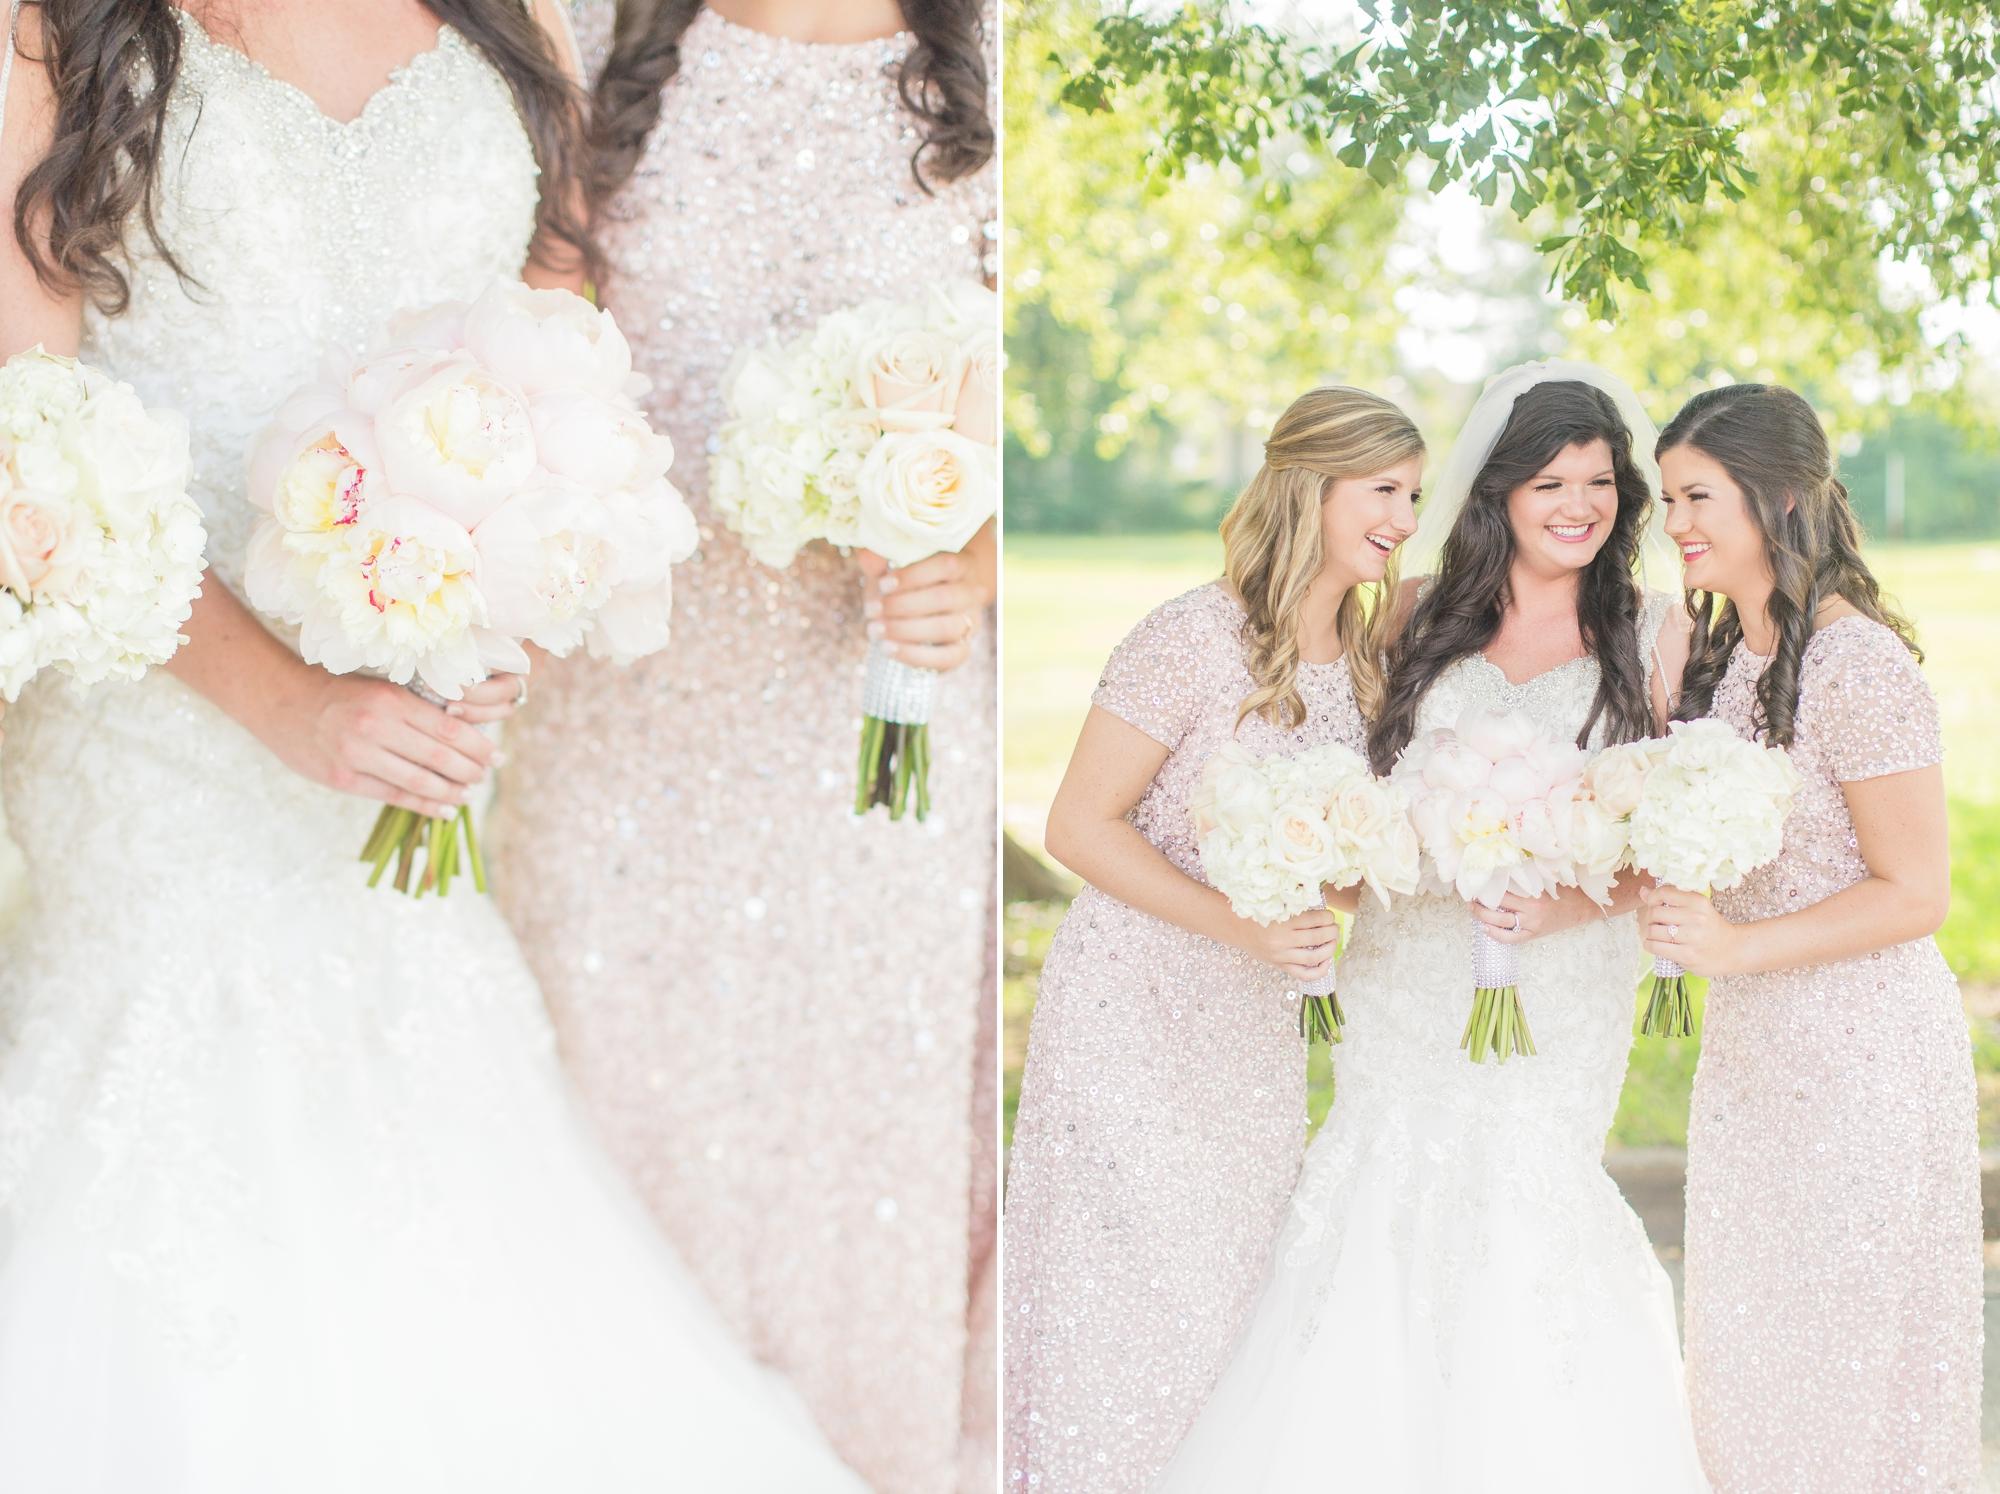 philadelphia-mississippi-summer-wedding 33.jpg